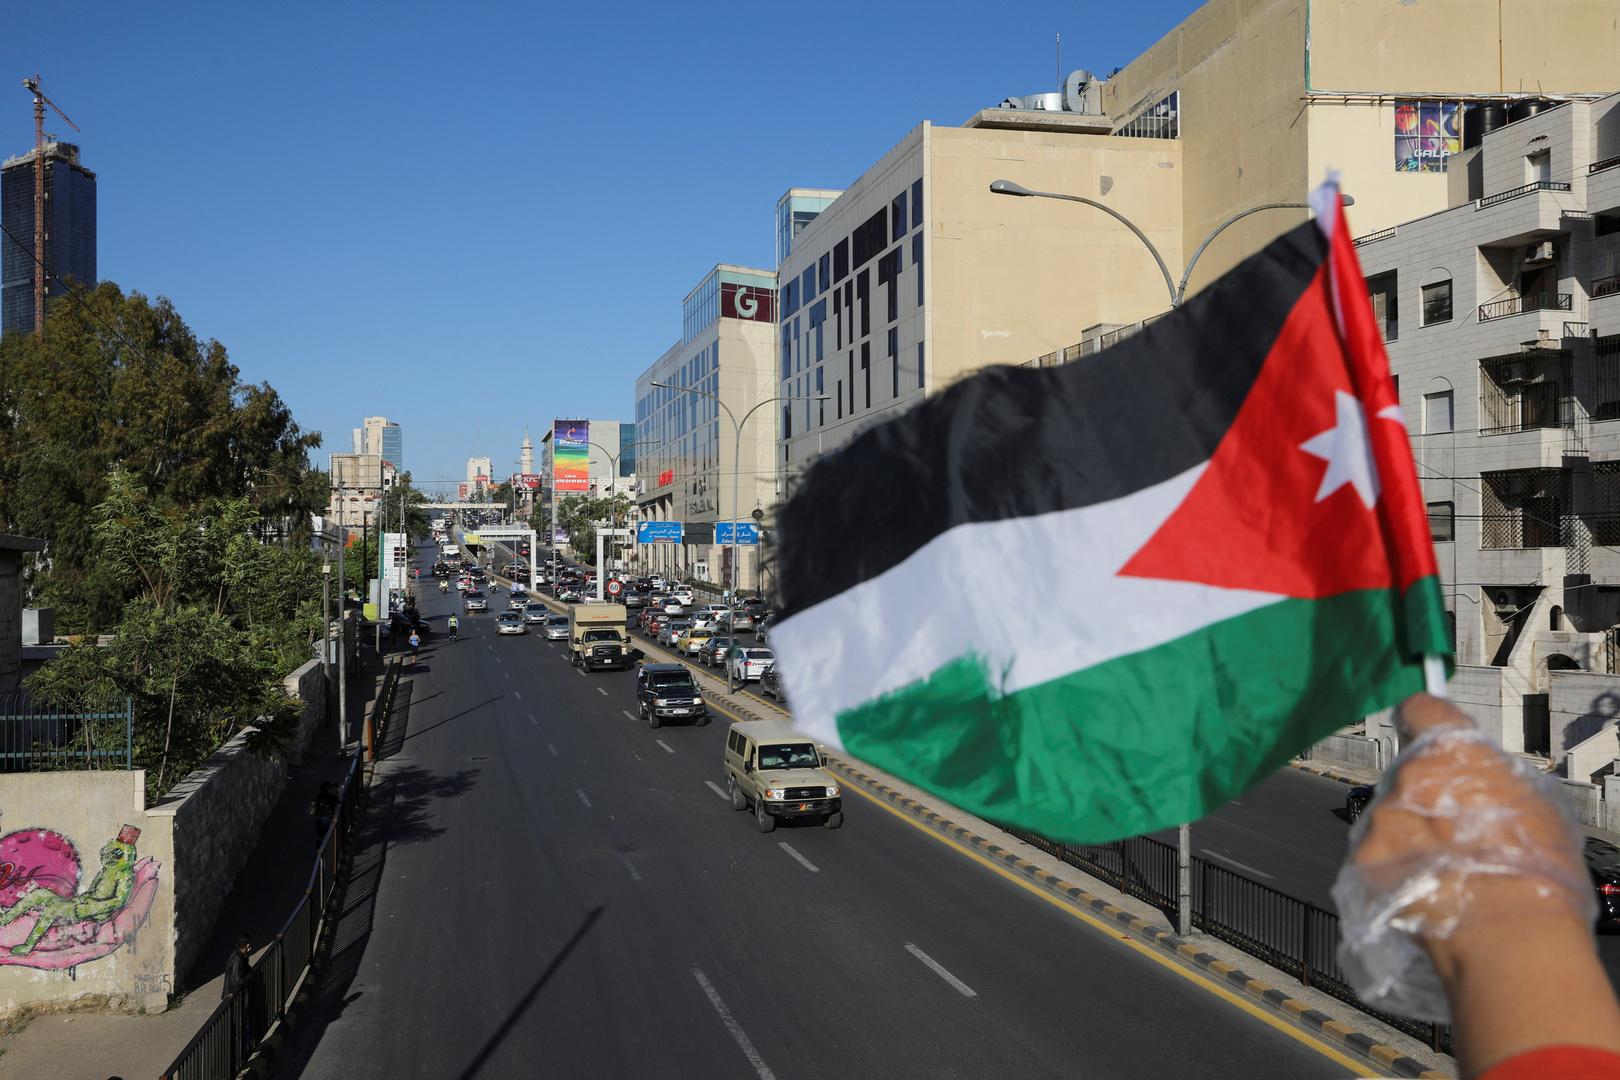 ملك الأردن يؤكد على ضرورة الموازنة بين صحة المواطنين وتحريك الاقتصاد